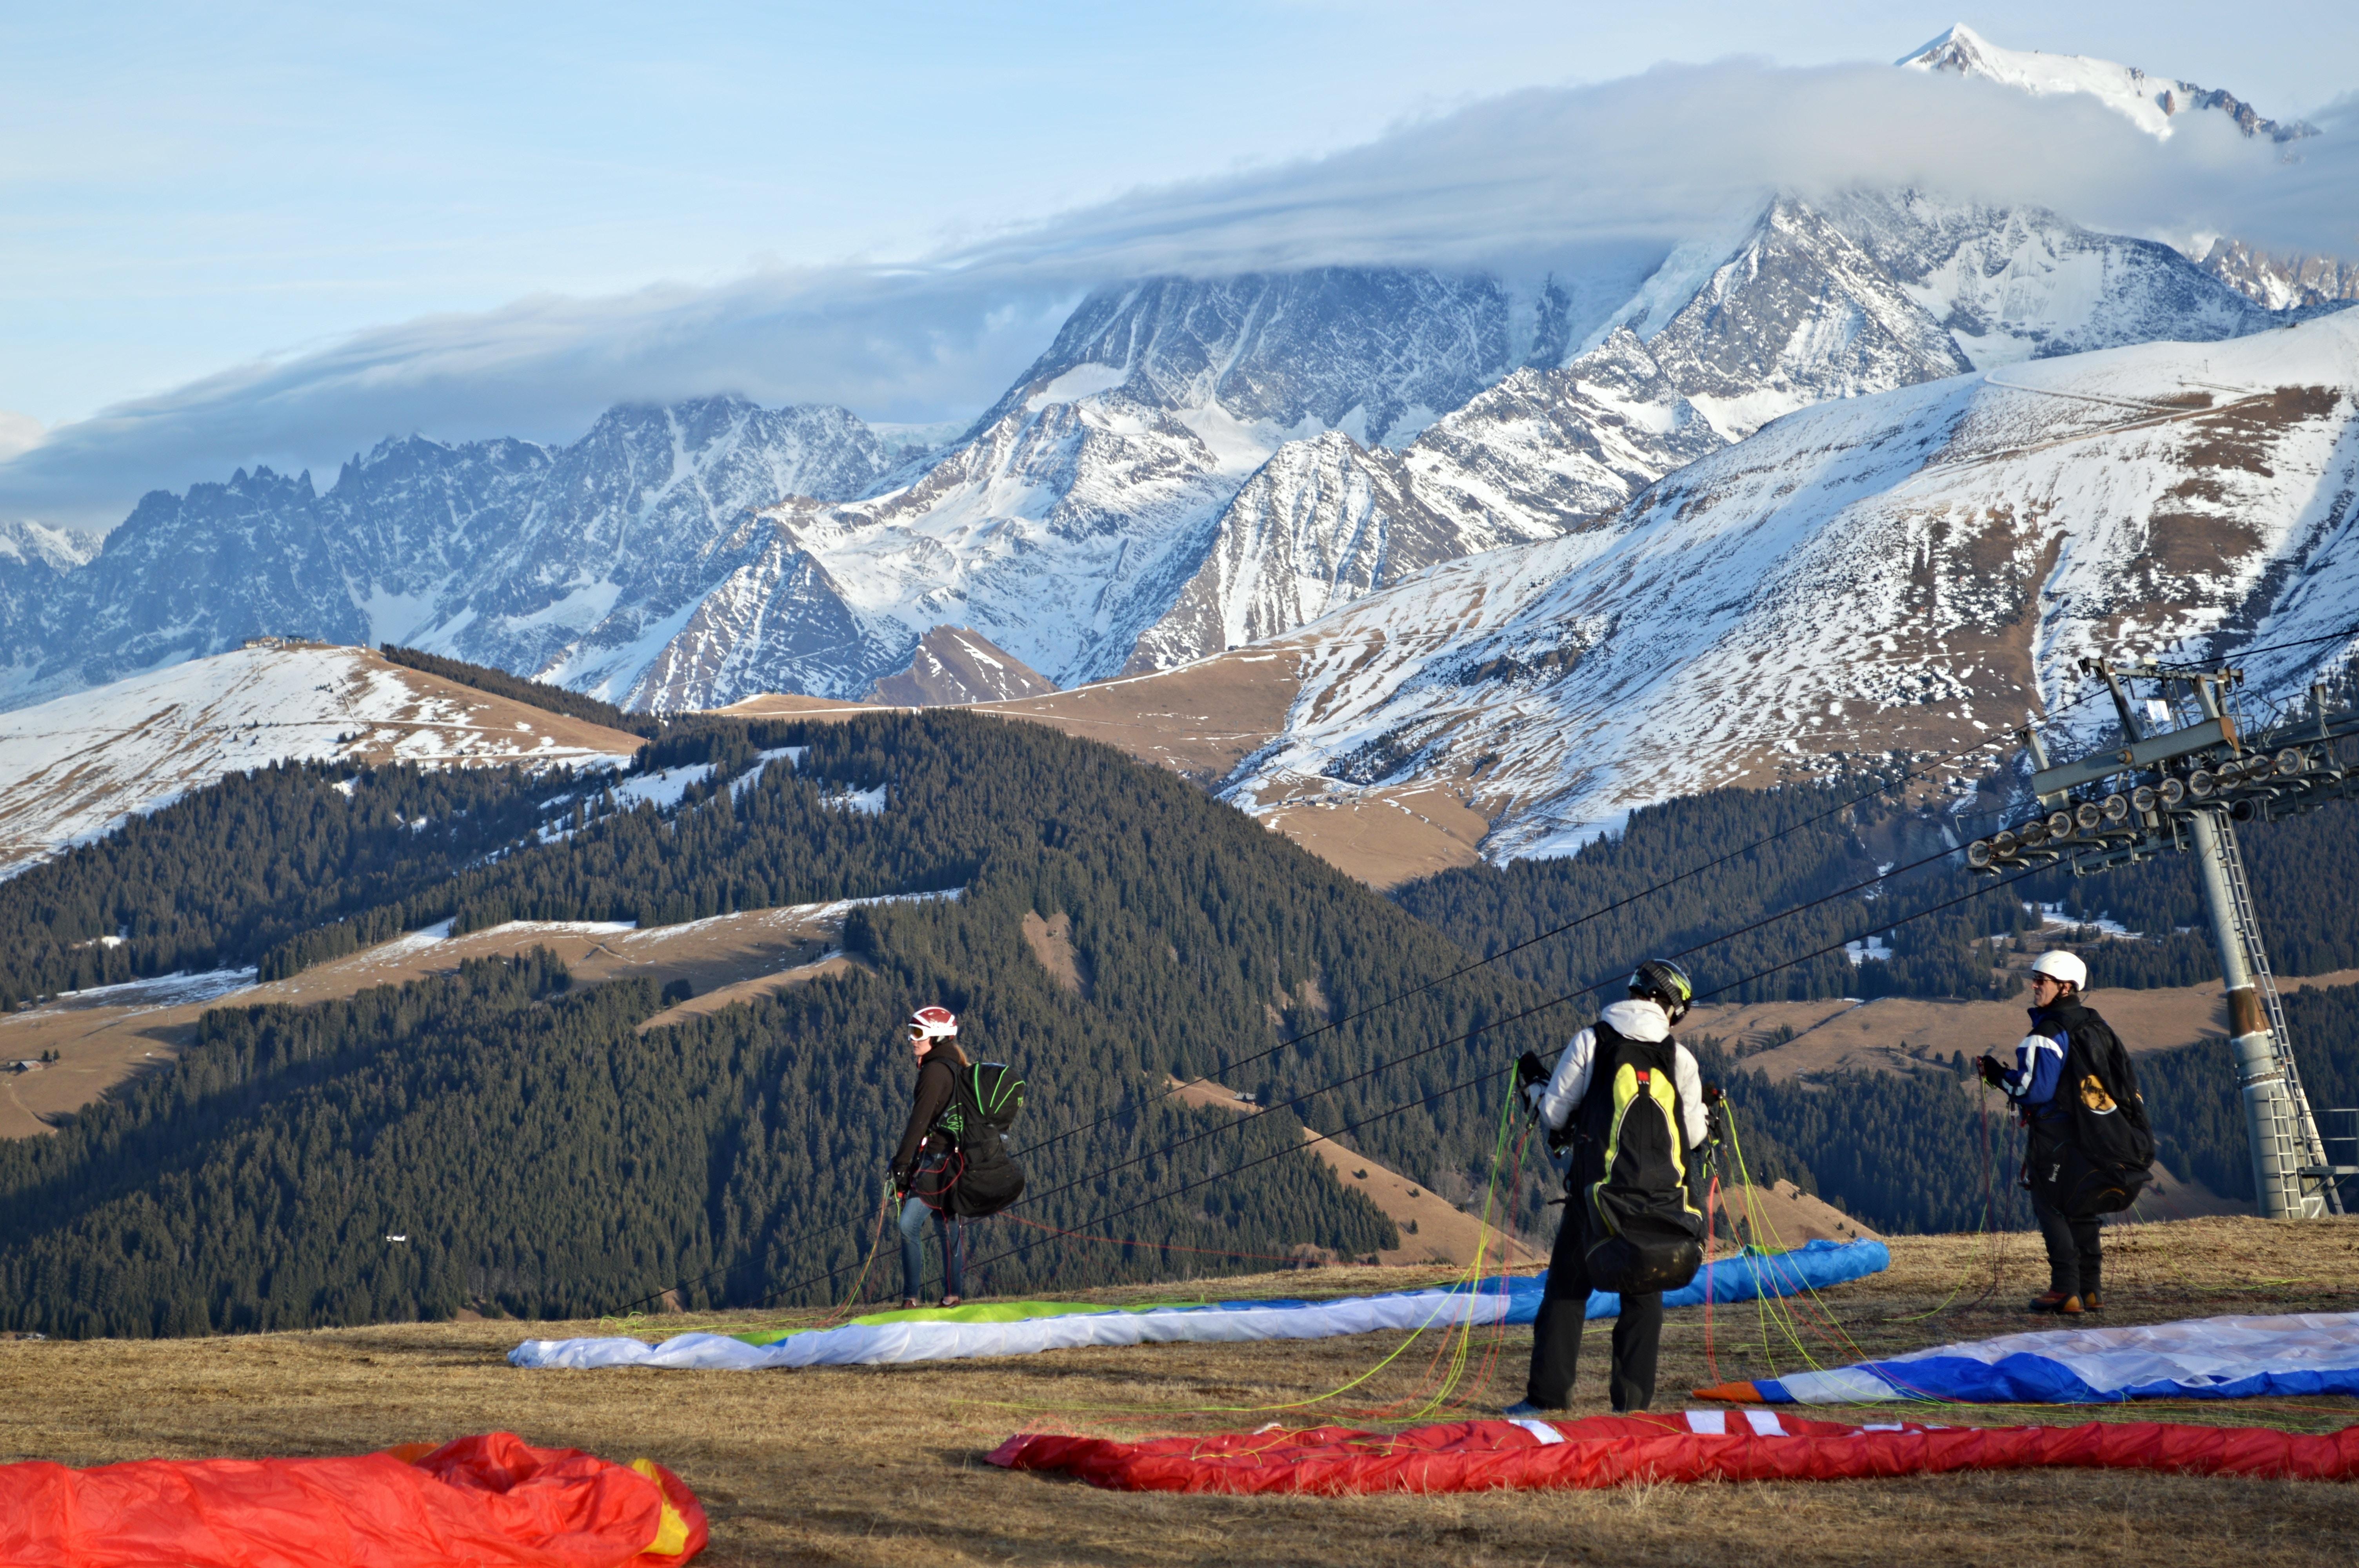 Paragliding company